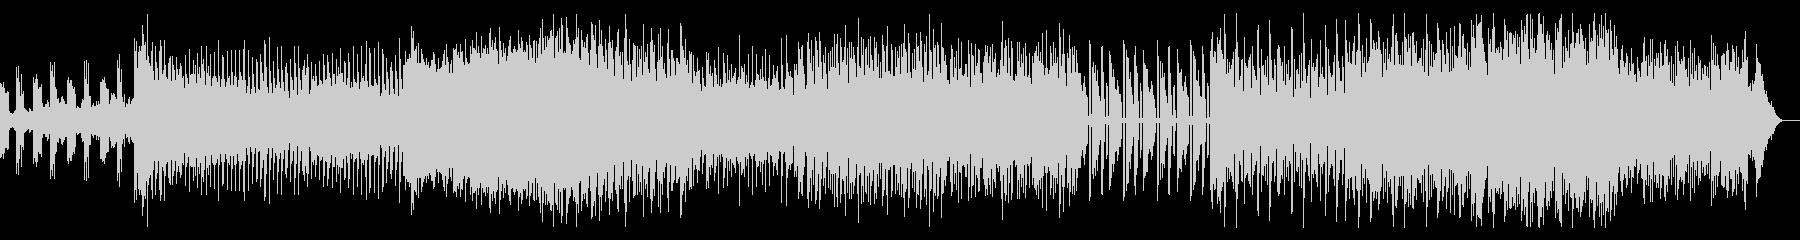 ダークなインダストリアルテクノの未再生の波形